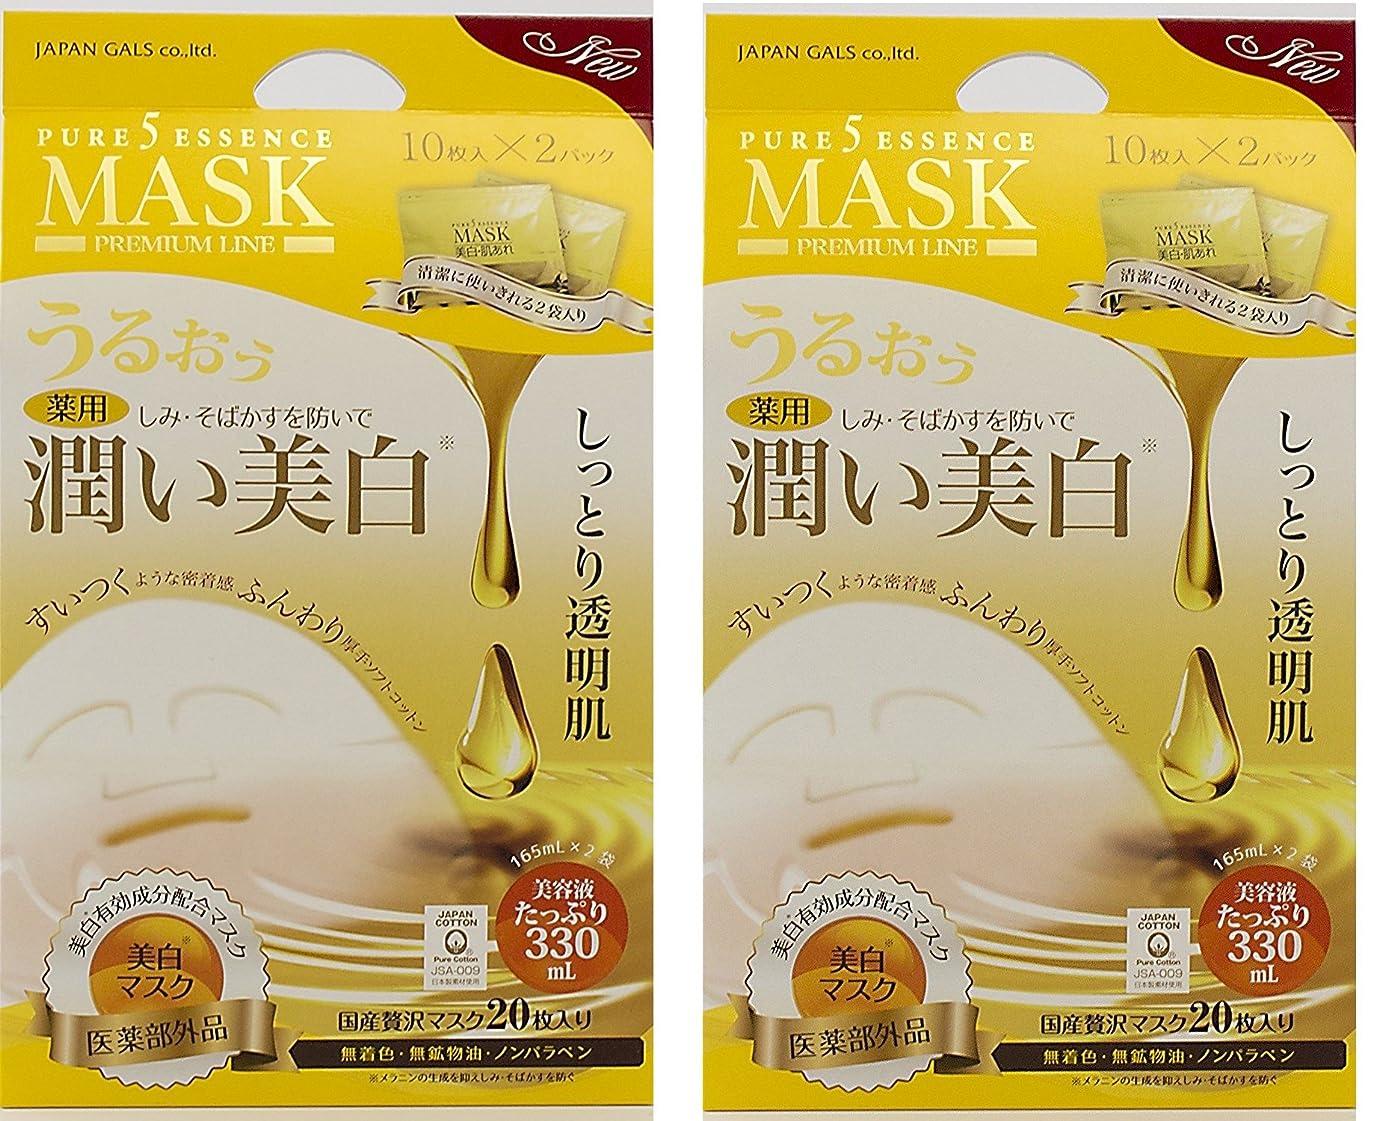 見える血統通常【お得なまとめ買い】ジャパンギャルズ ピュア5エッセンスマスク(薬用) 10枚入り×2袋【2個セット】